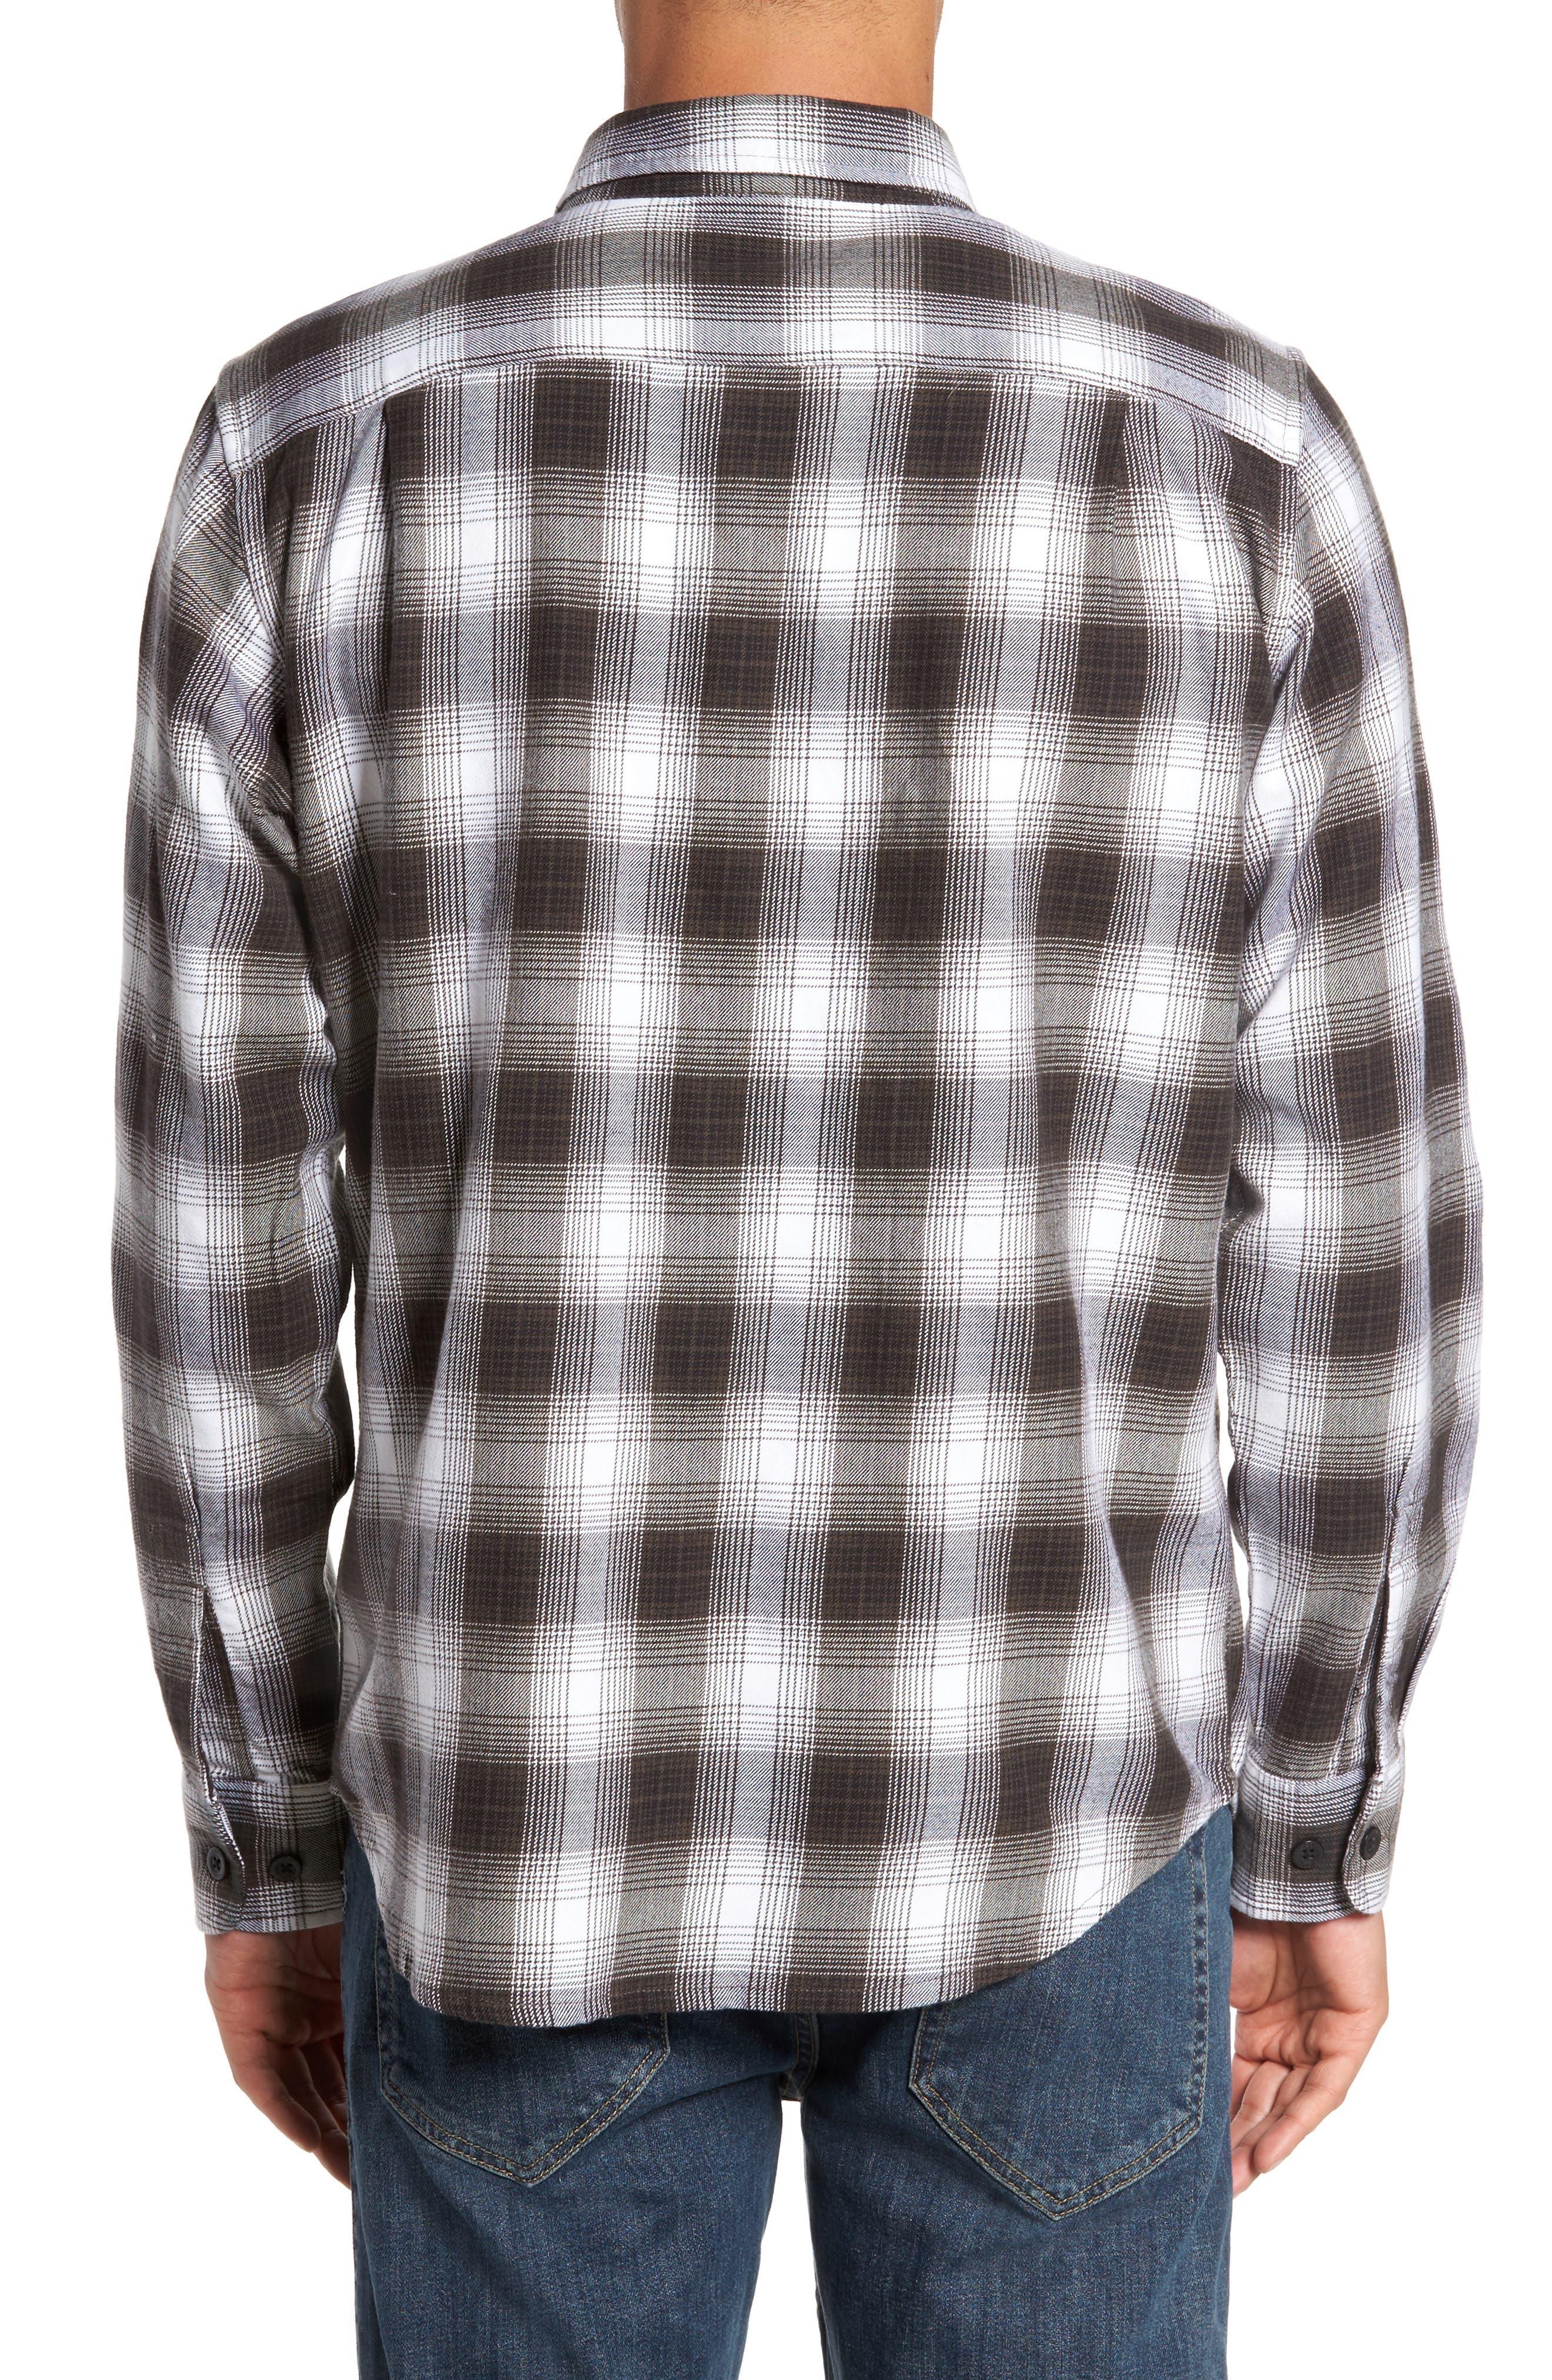 Kemper Plaid Woven Shirt,                             Alternate thumbnail 2, color,                             002